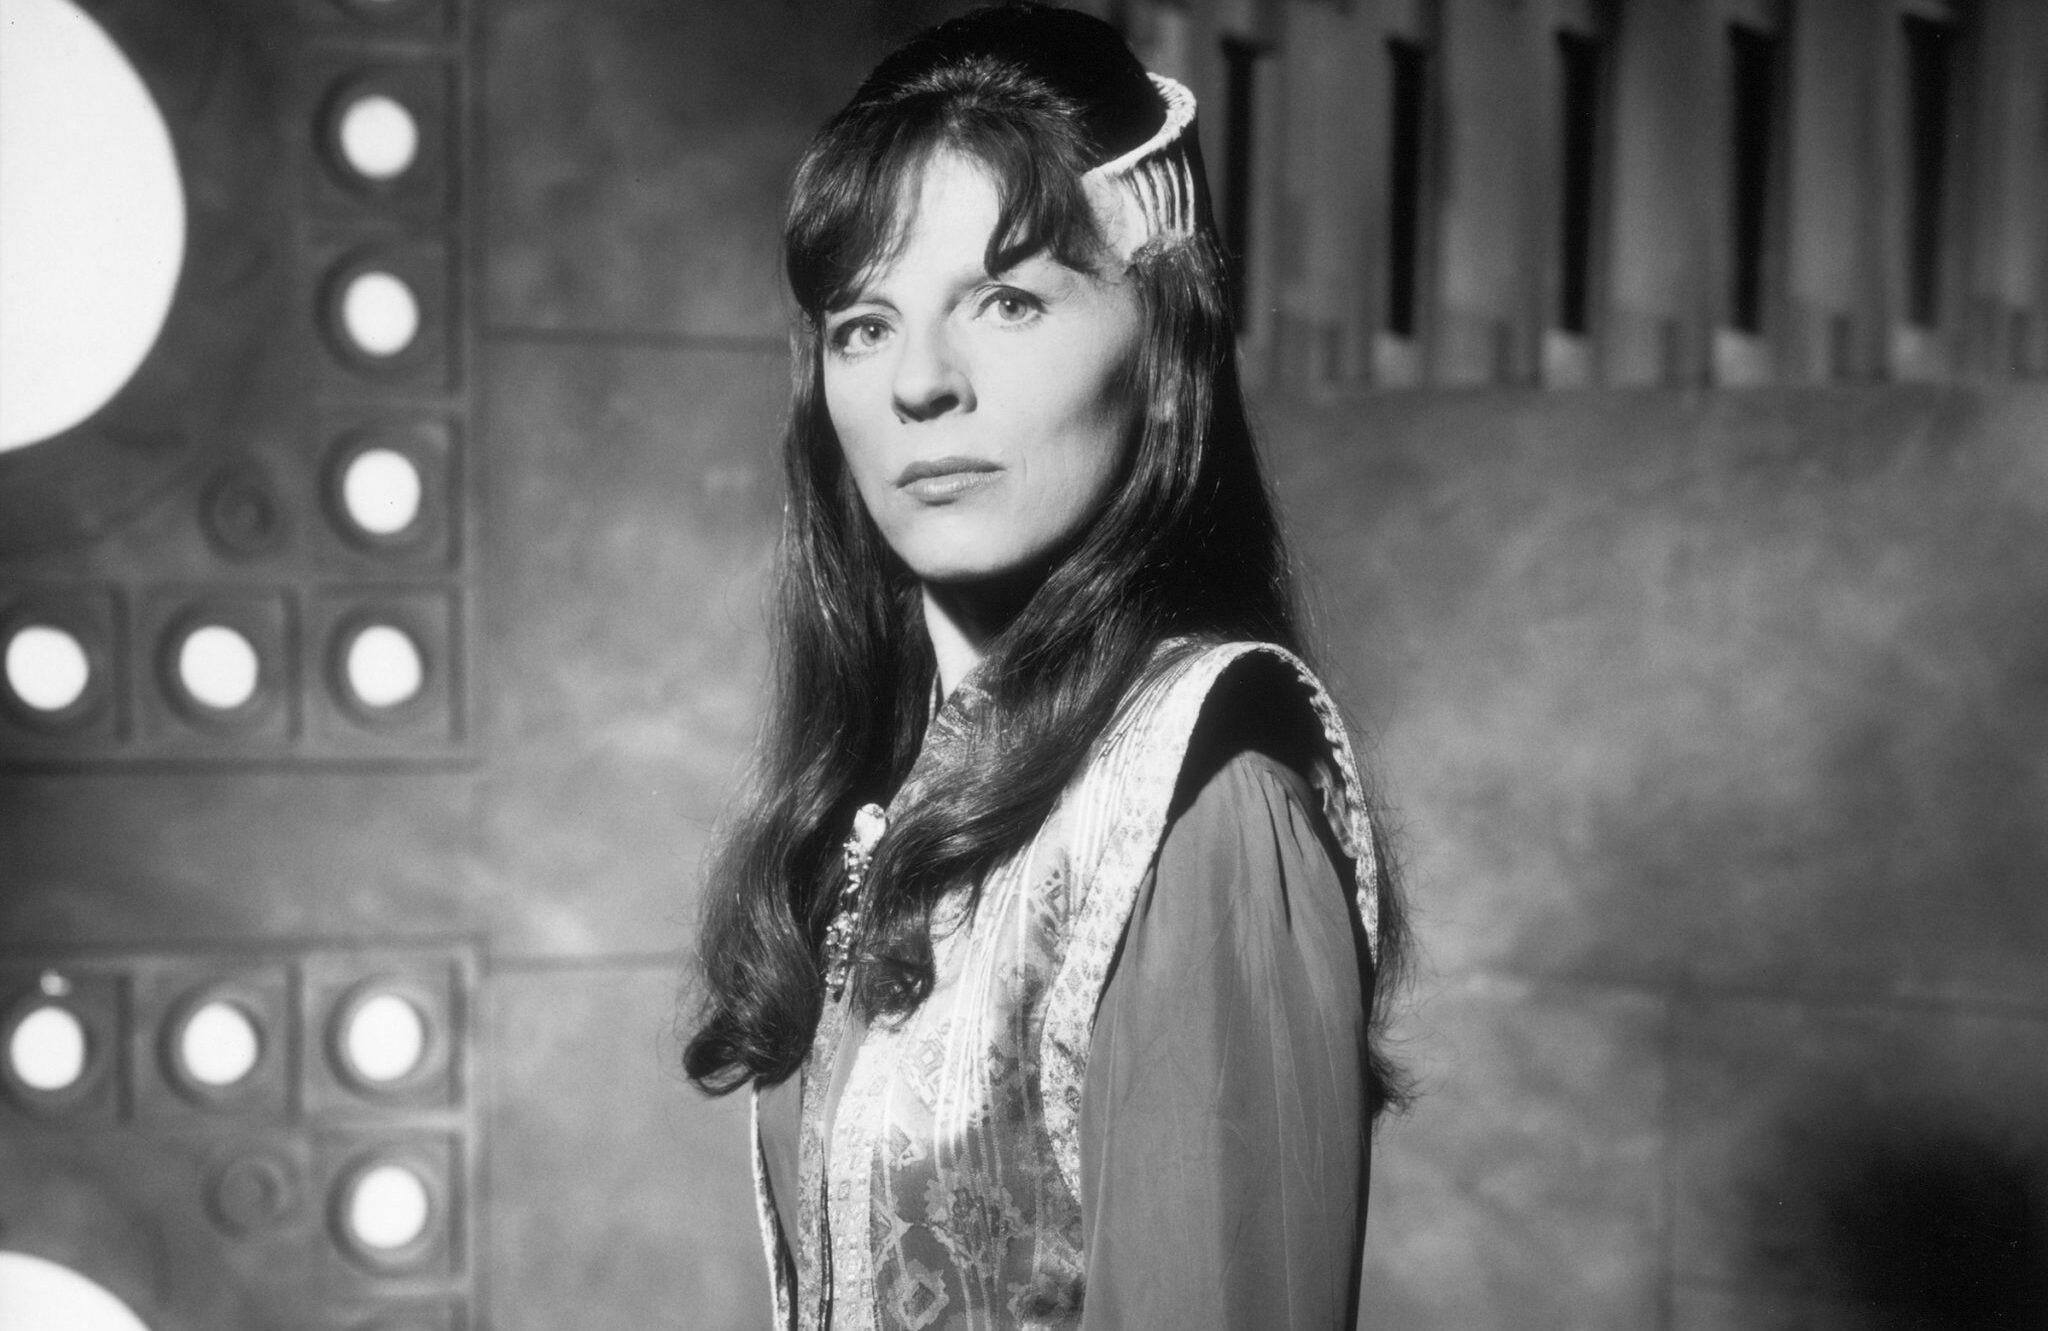 Ввозрасте 65 лет умерла актриса Мира Фурлан — Деленн из«Вавилон-5» 1